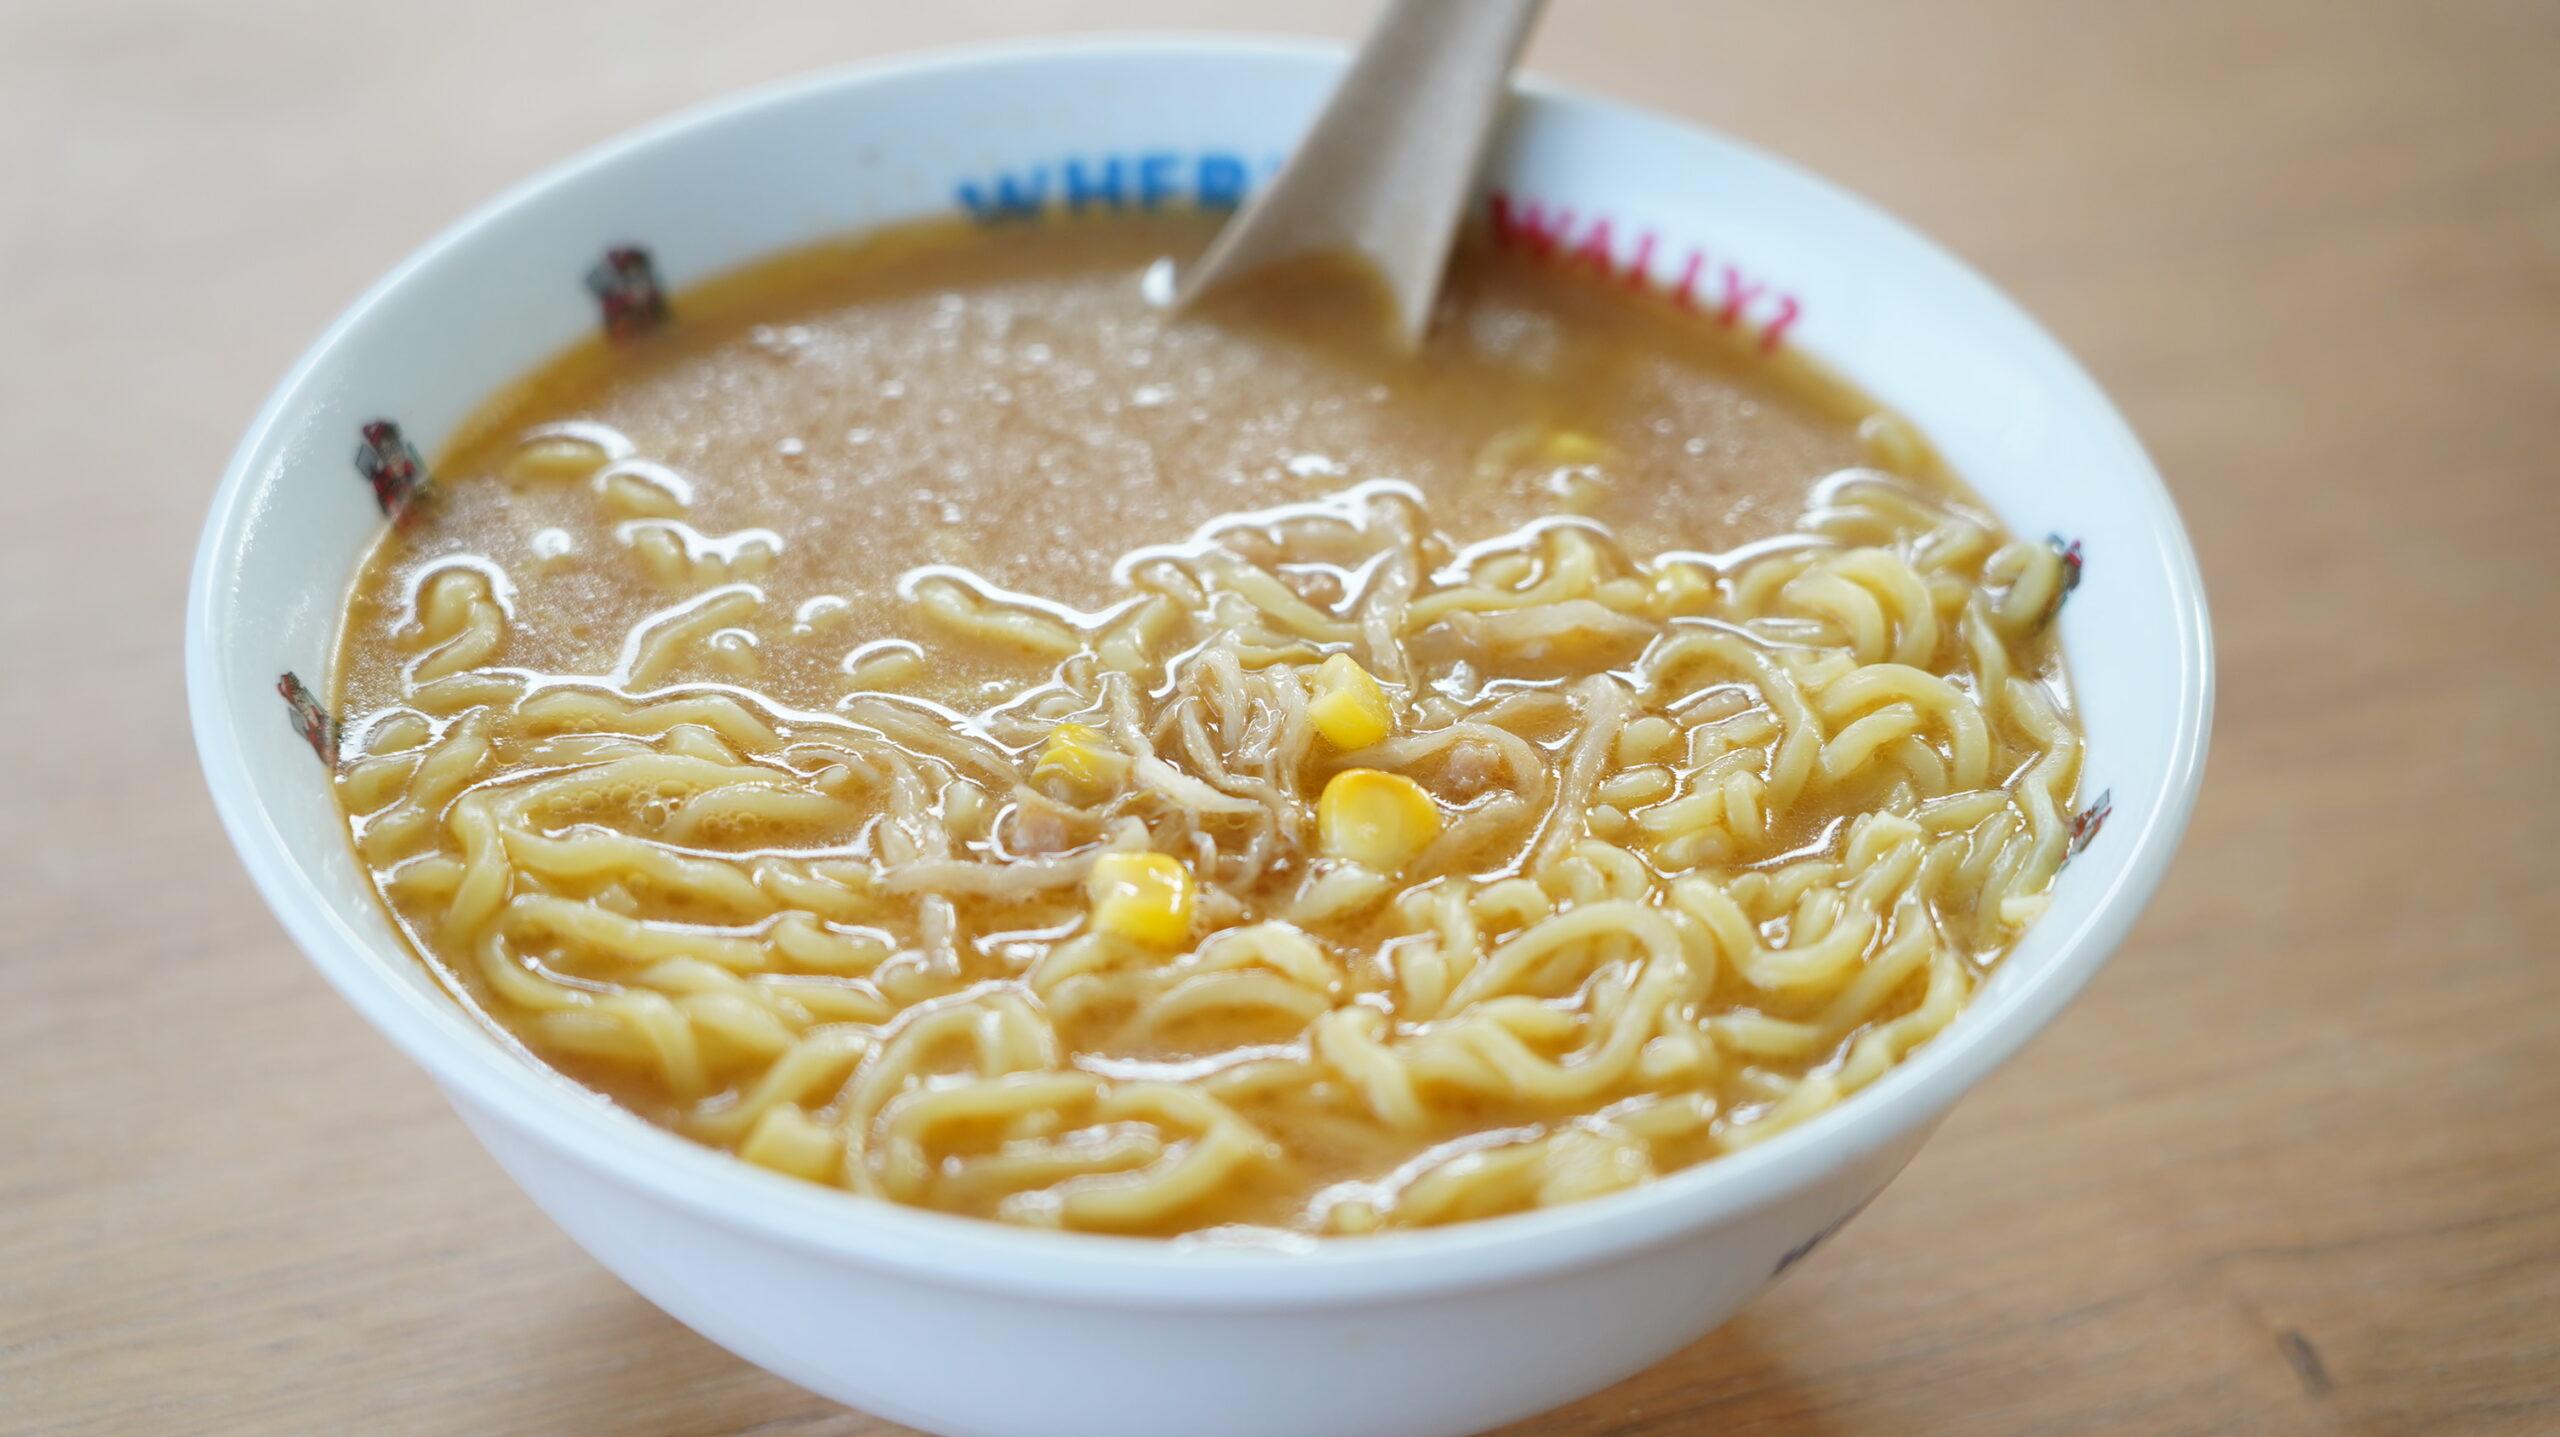 ローソンの冷凍食品「具付き味噌ラーメン」を丼に盛り付けた写真